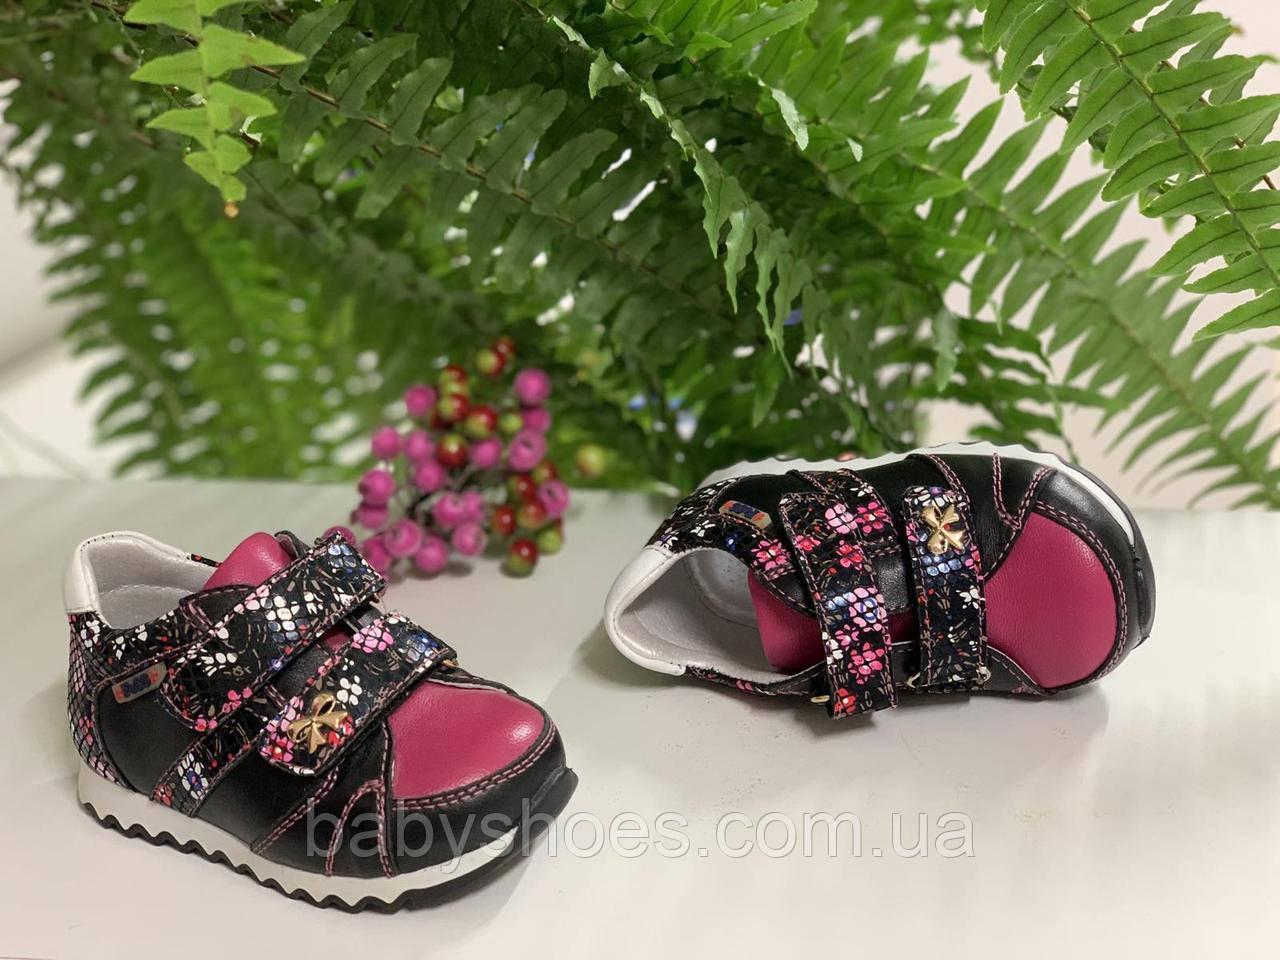 Кроссовки кожаные для девочки Fess р.21, 24,27 Арт 016-5С